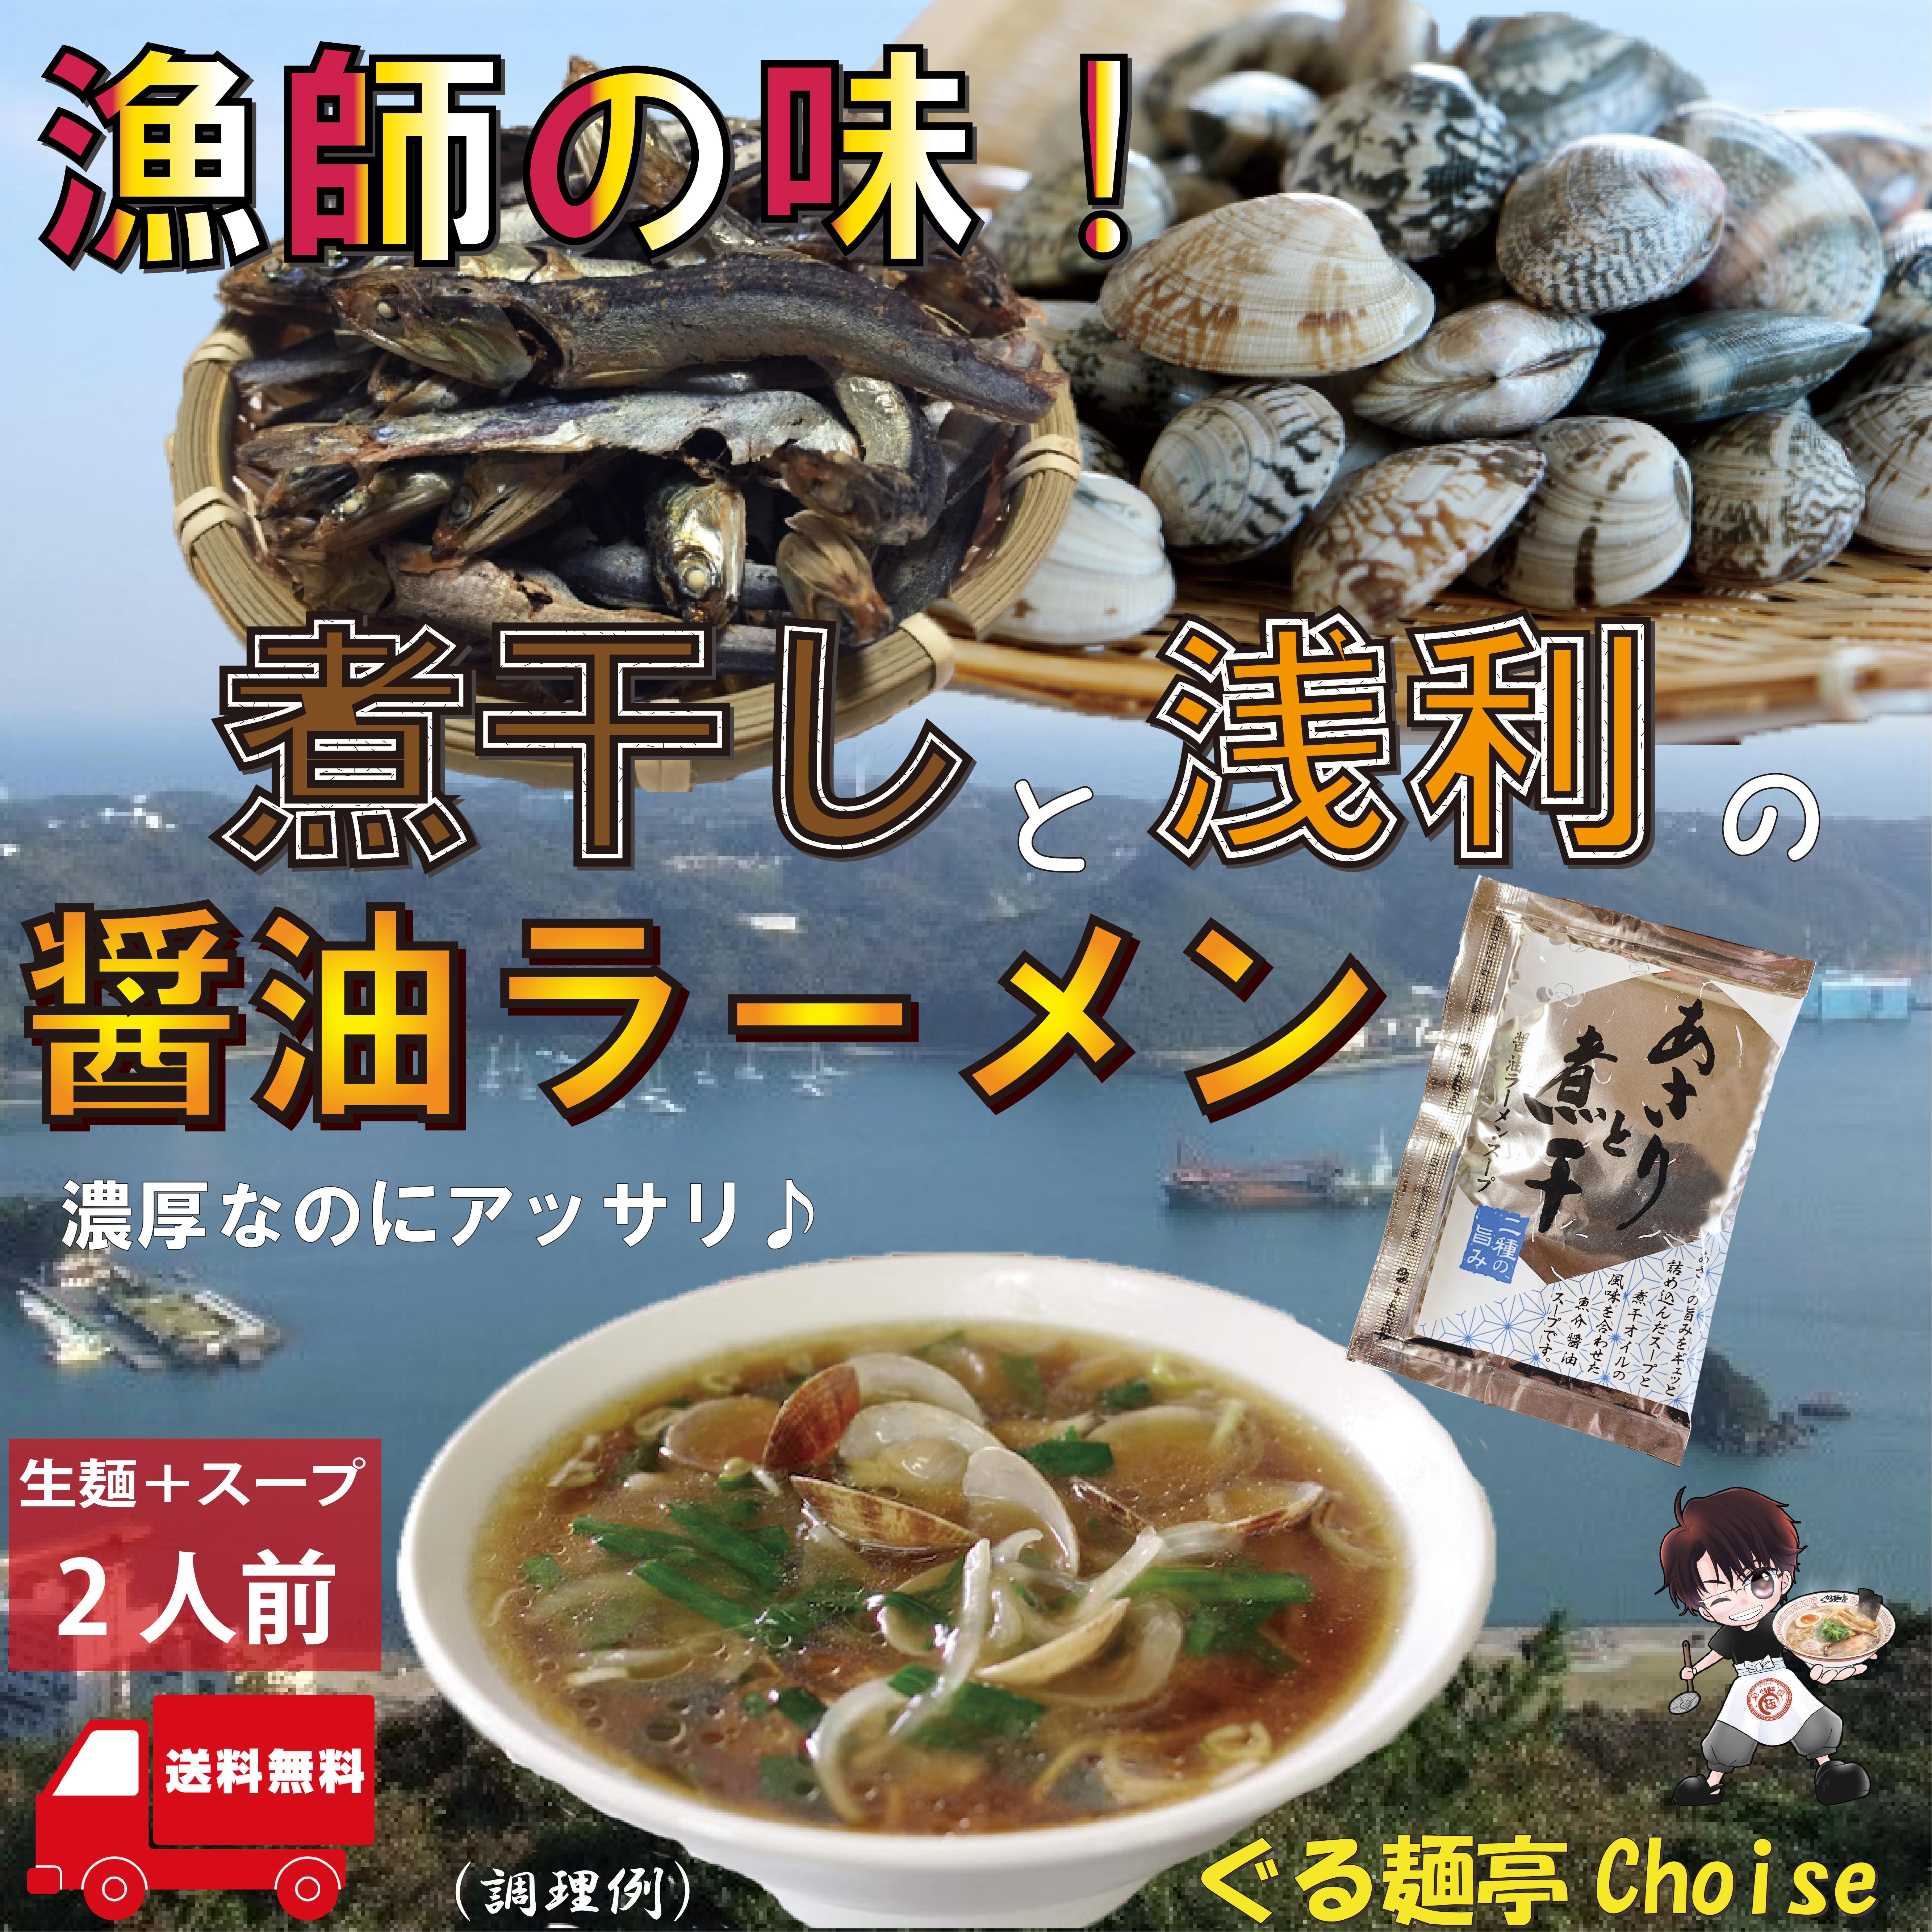 あさり煮干ラーメン 生麺 2食(スープ付き)【送料無料】 ぐる麺亭choice